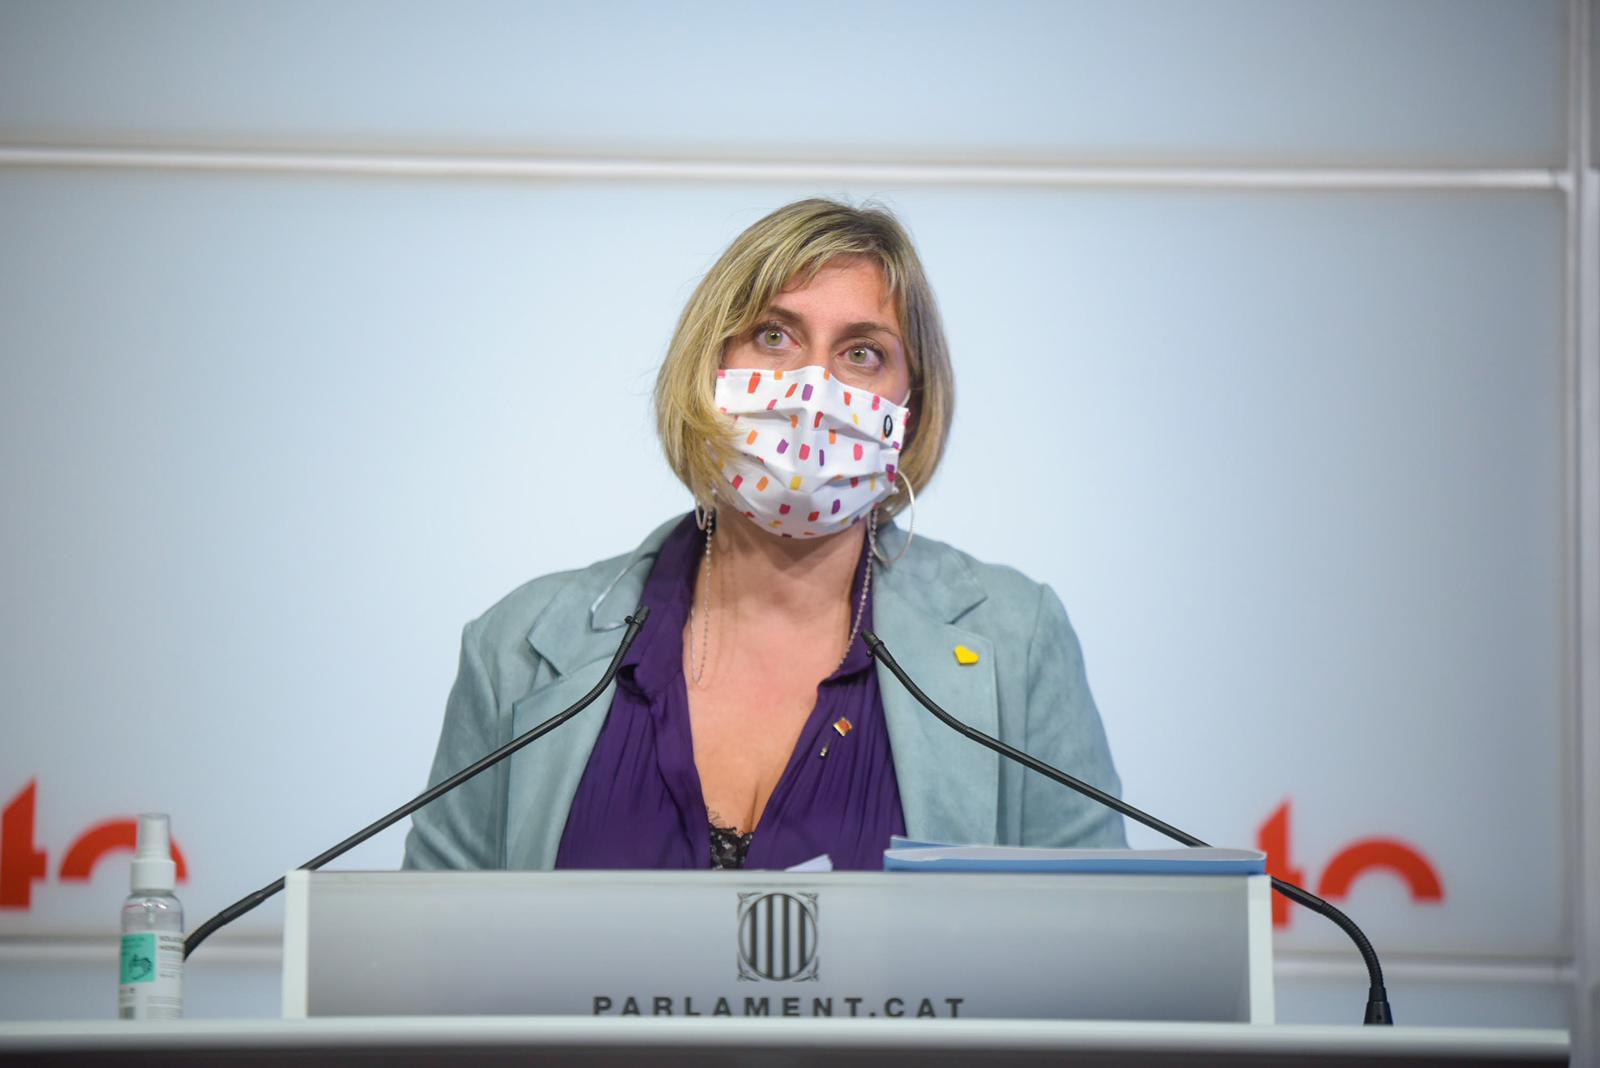 La consellera de Salut, en la seva compareixença a la sala de premsa del Parlament, aquesta tarda.